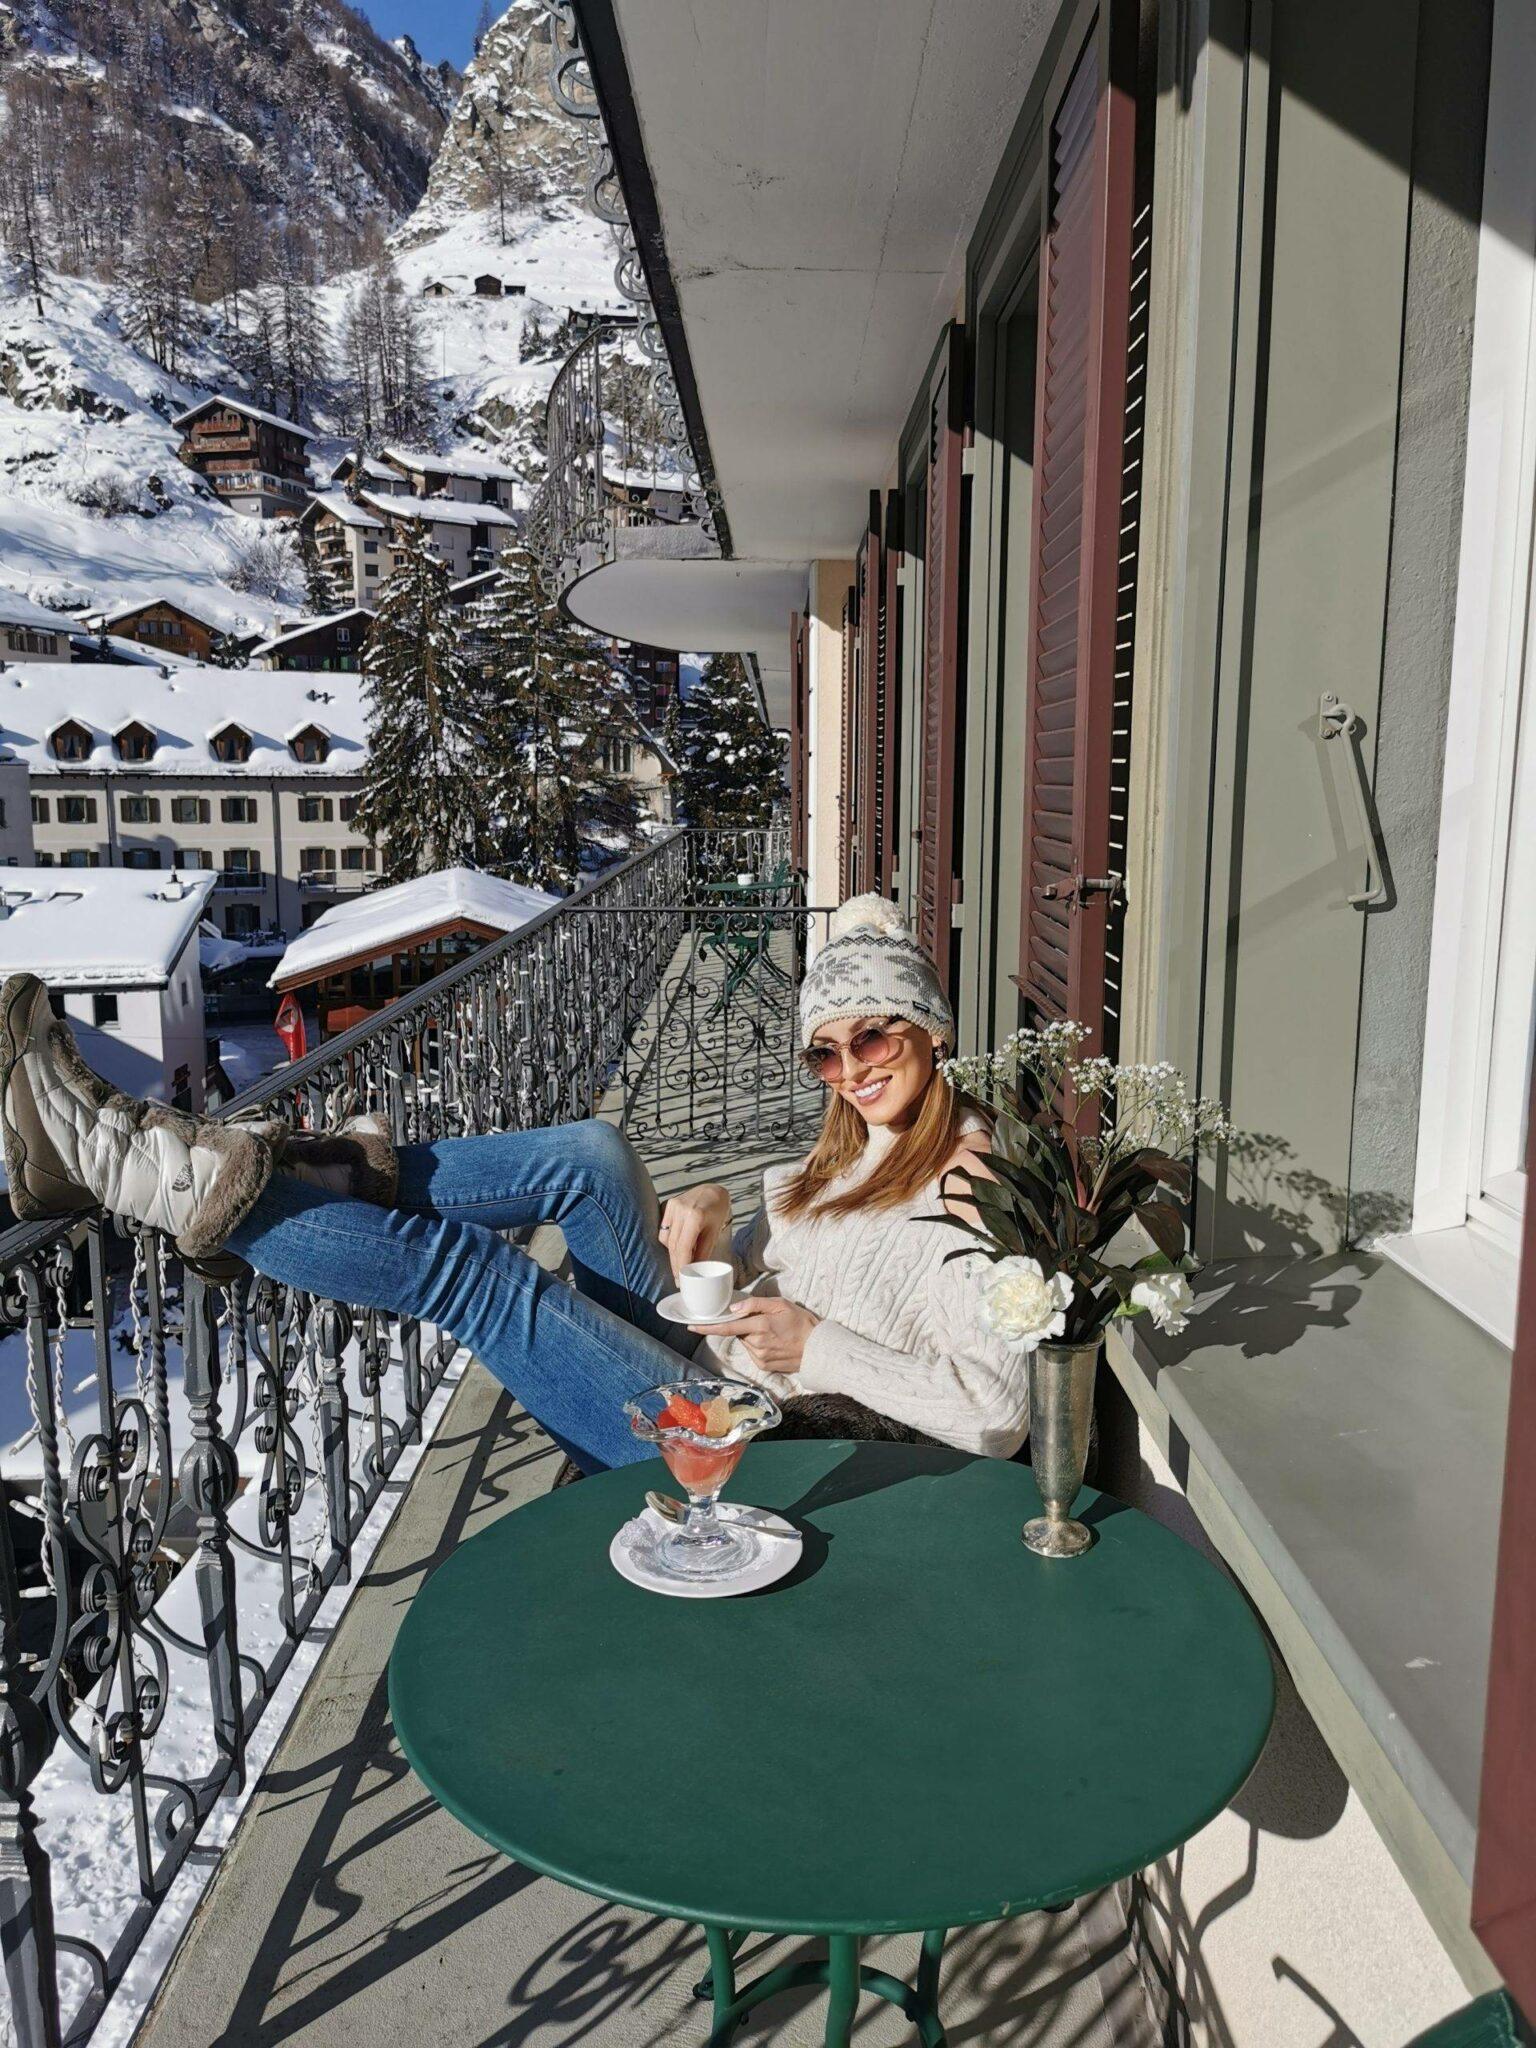 BellaZofia on a balcony in Zermatt hotel